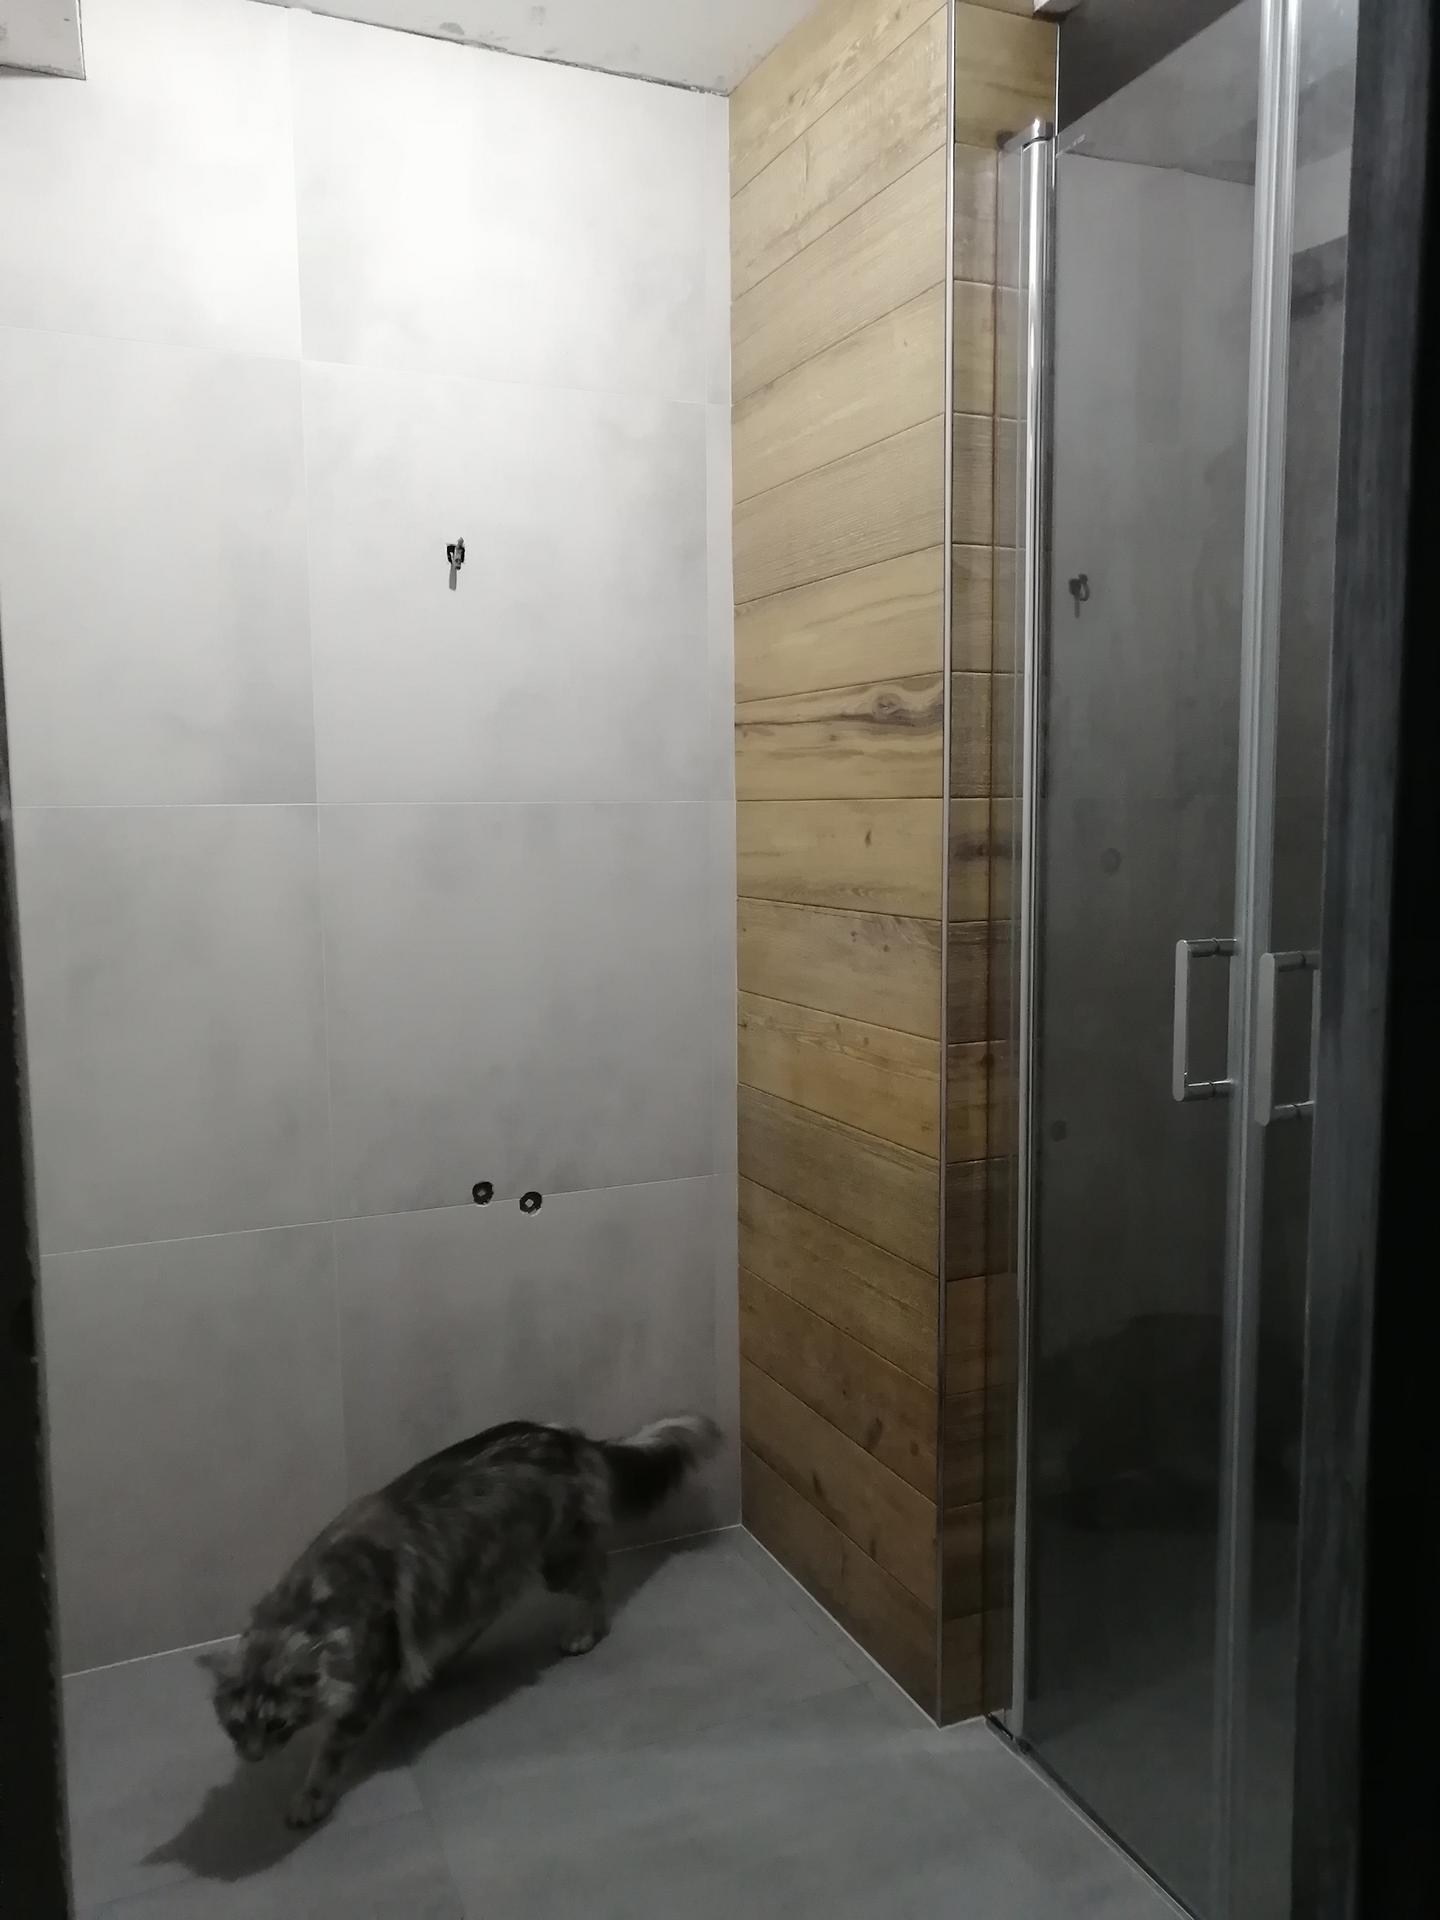 Rekonstrukce koupelny - Obrázek č. 15